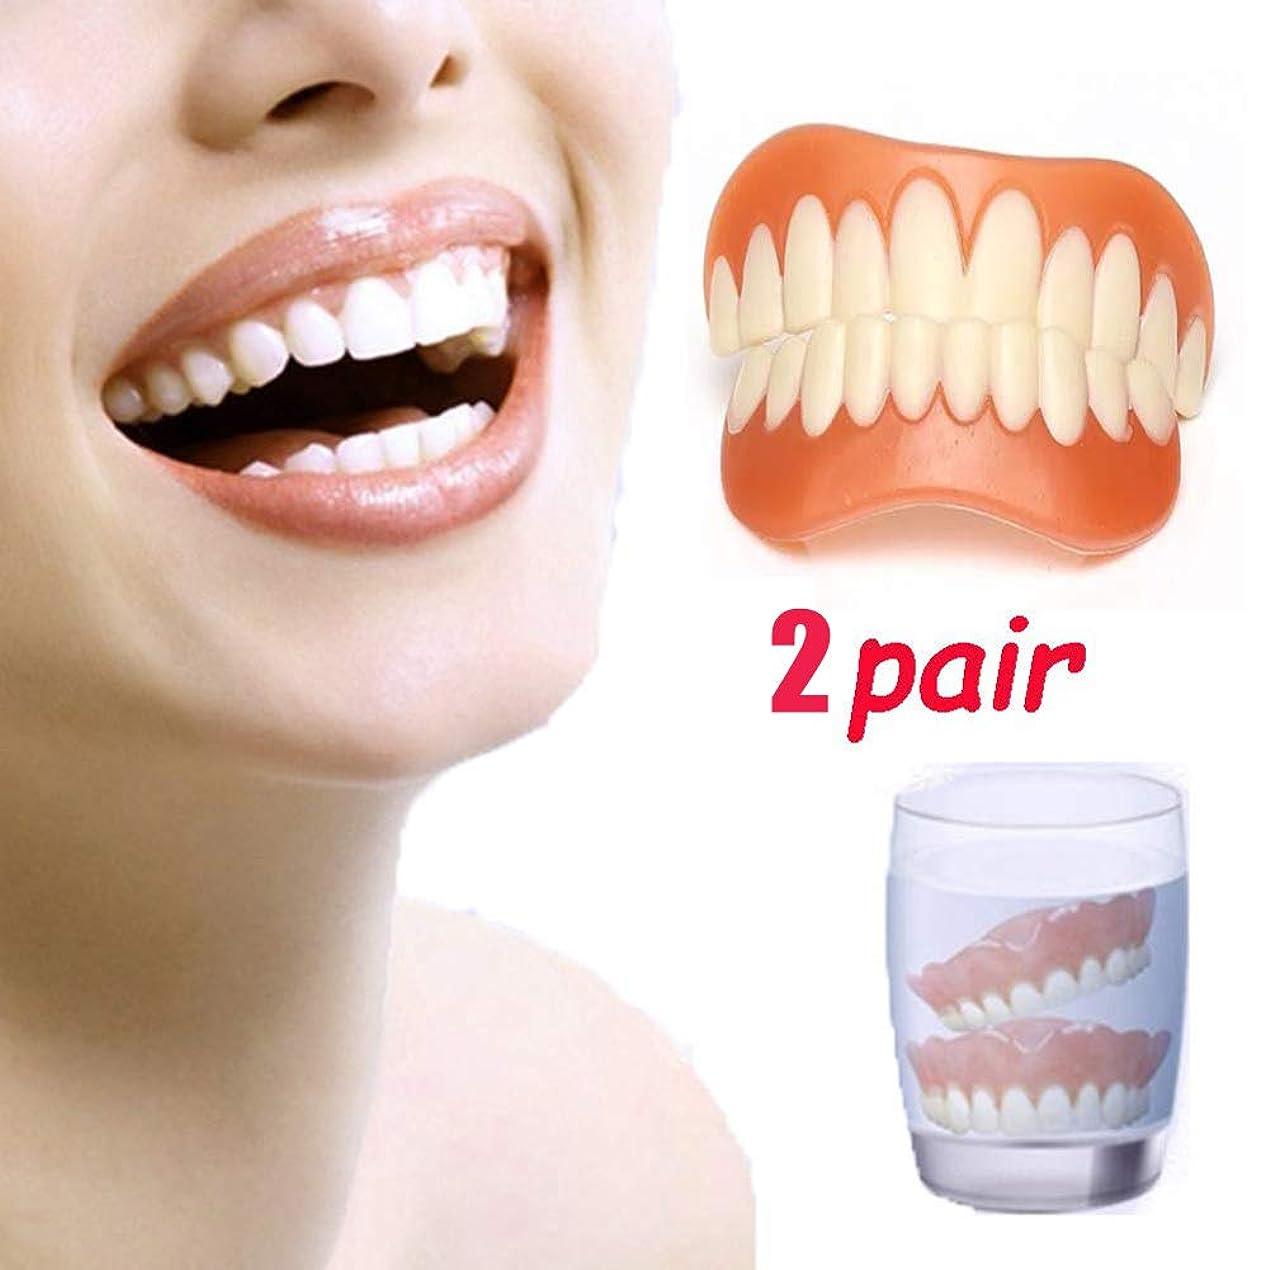 戸棚フラフープキロメートル2ペアスナップスマイル化粧品の歯再使用可能な快適さの歯の化粧品のステッカーあなたが常に欲しかったことをその笑顔を得る